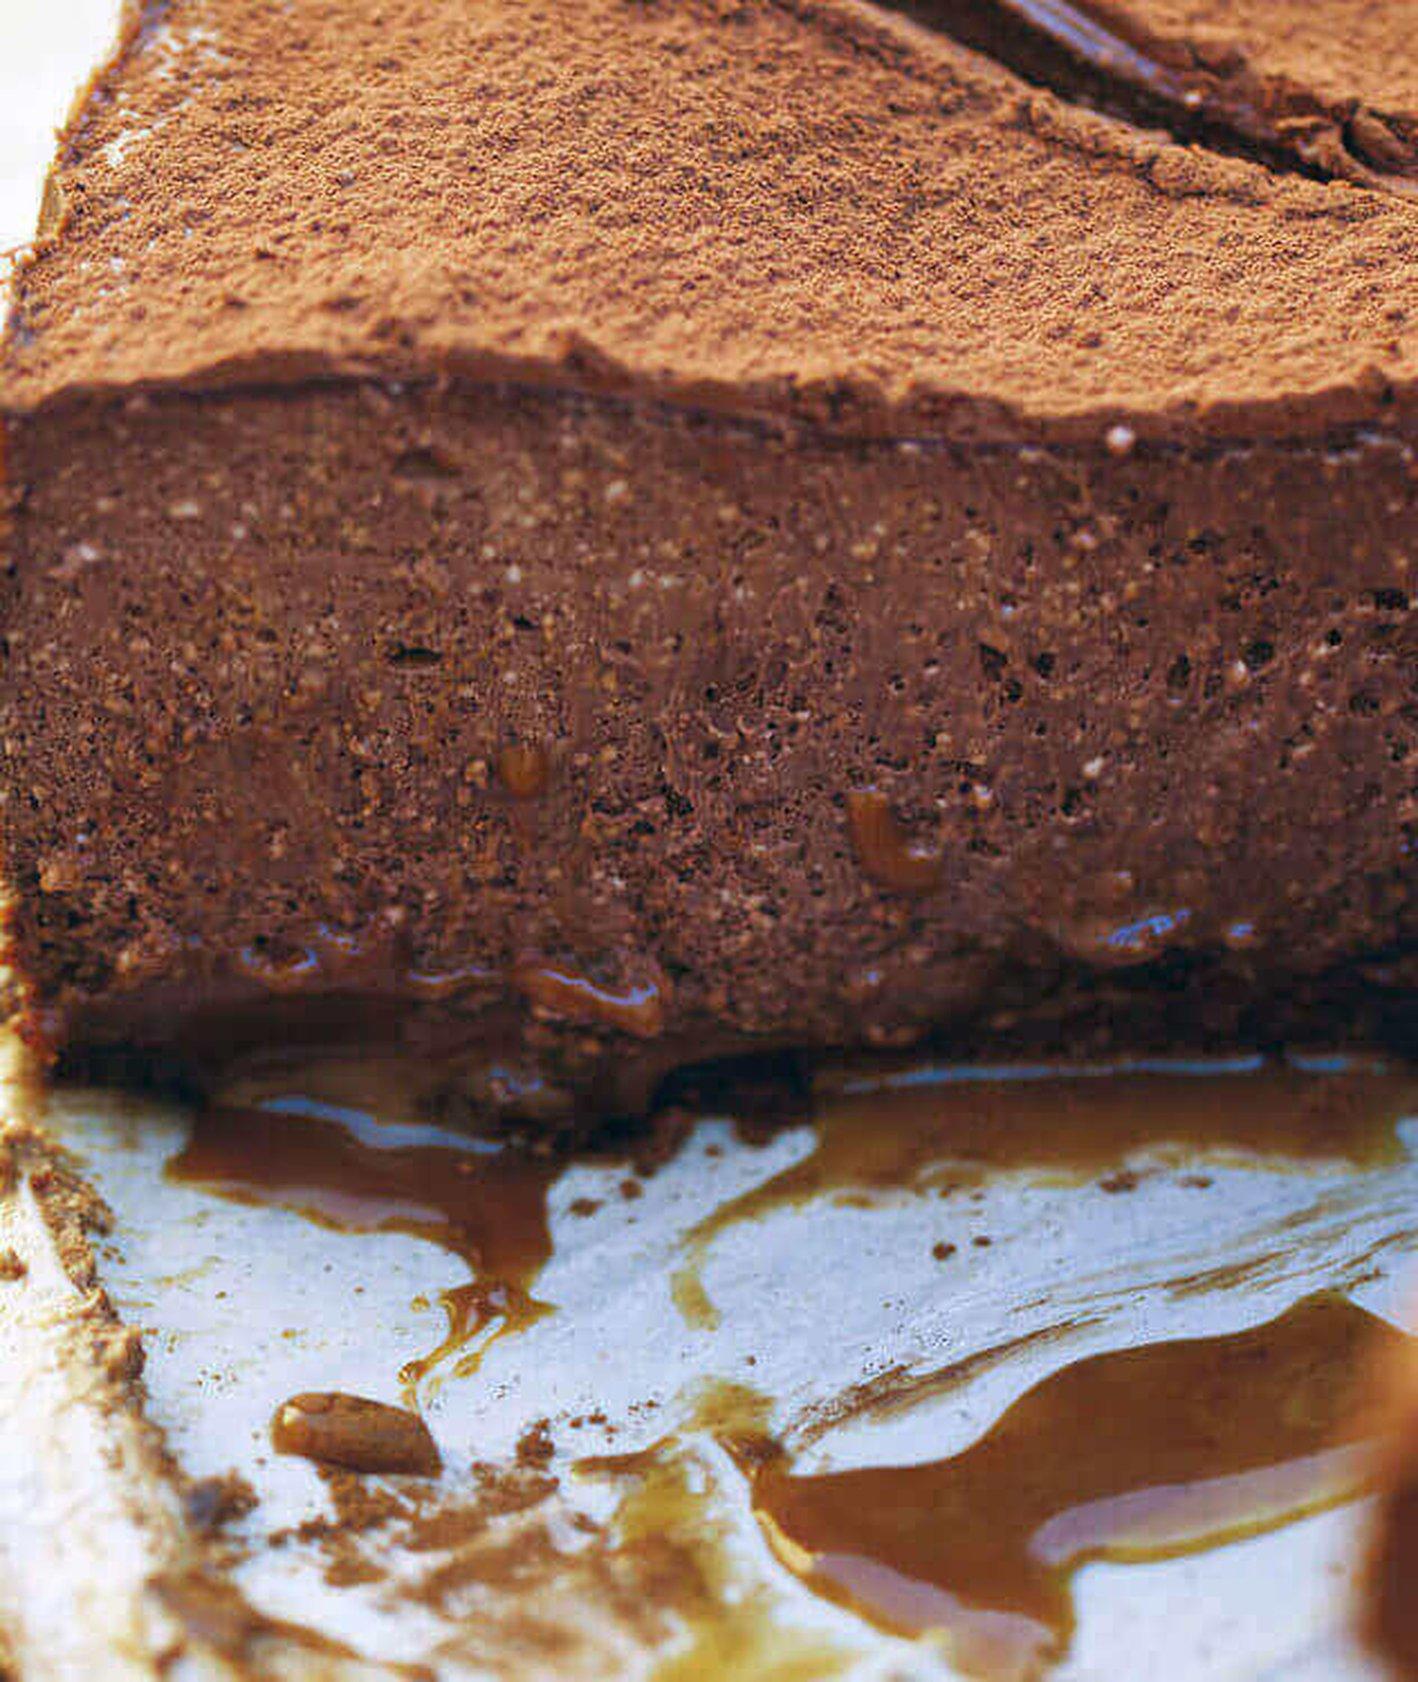 rozpustny sernik czekoladowy, sernik czekoladowy, ciasto czekoladowe, klasyczny sernik, sernik nowojorski, sernik z czekoladą, ciasto dla dzieci, prosty deser, deser czekoladowy